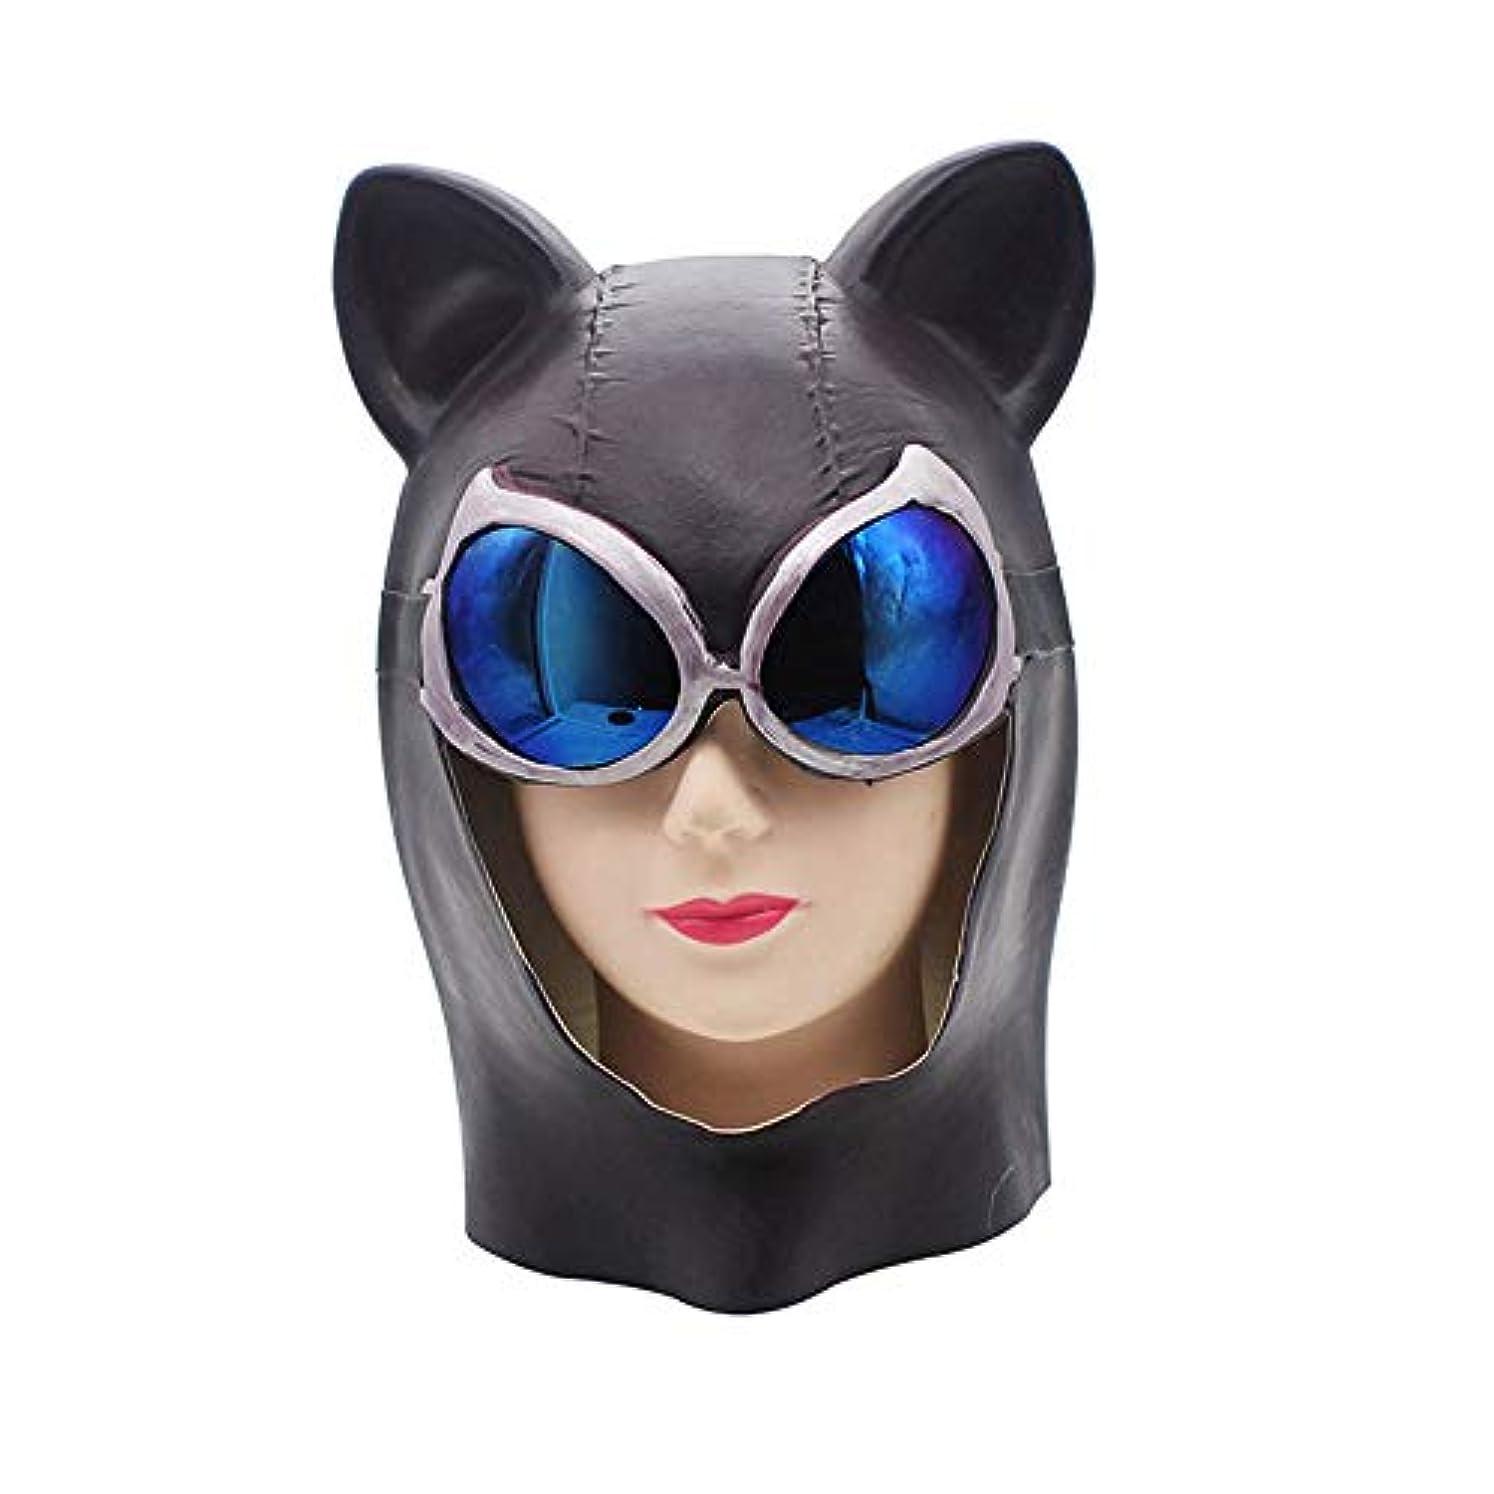 財団主婦食べるハロウィンホラーマスクヘッドギアプロムラテックスヘッドウェアバーパーティー小道具バットマンキャットウーマン映画